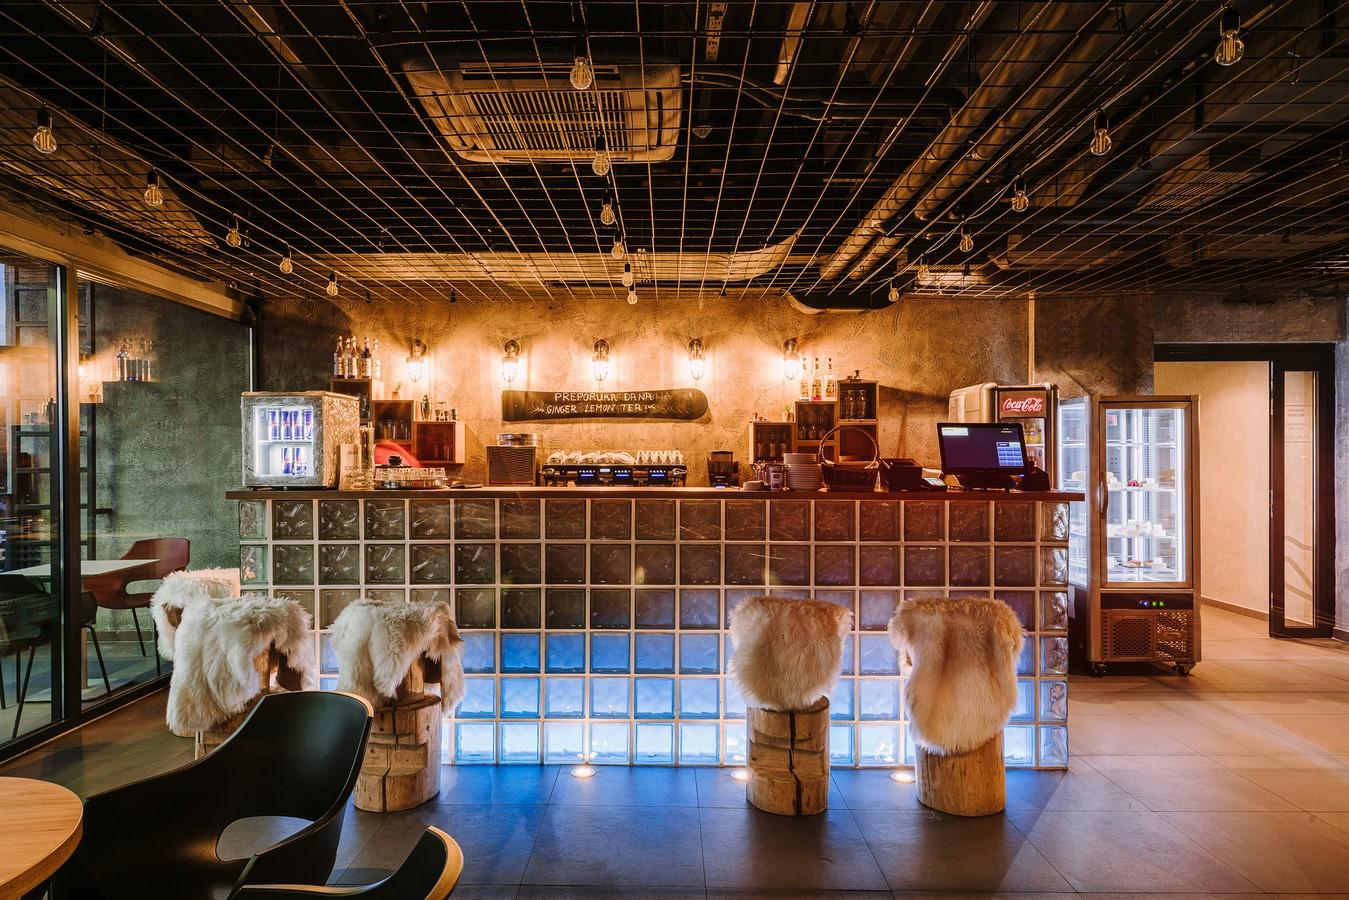 Hotel ibis Styles Sarajevo by MIXD - Sheet1